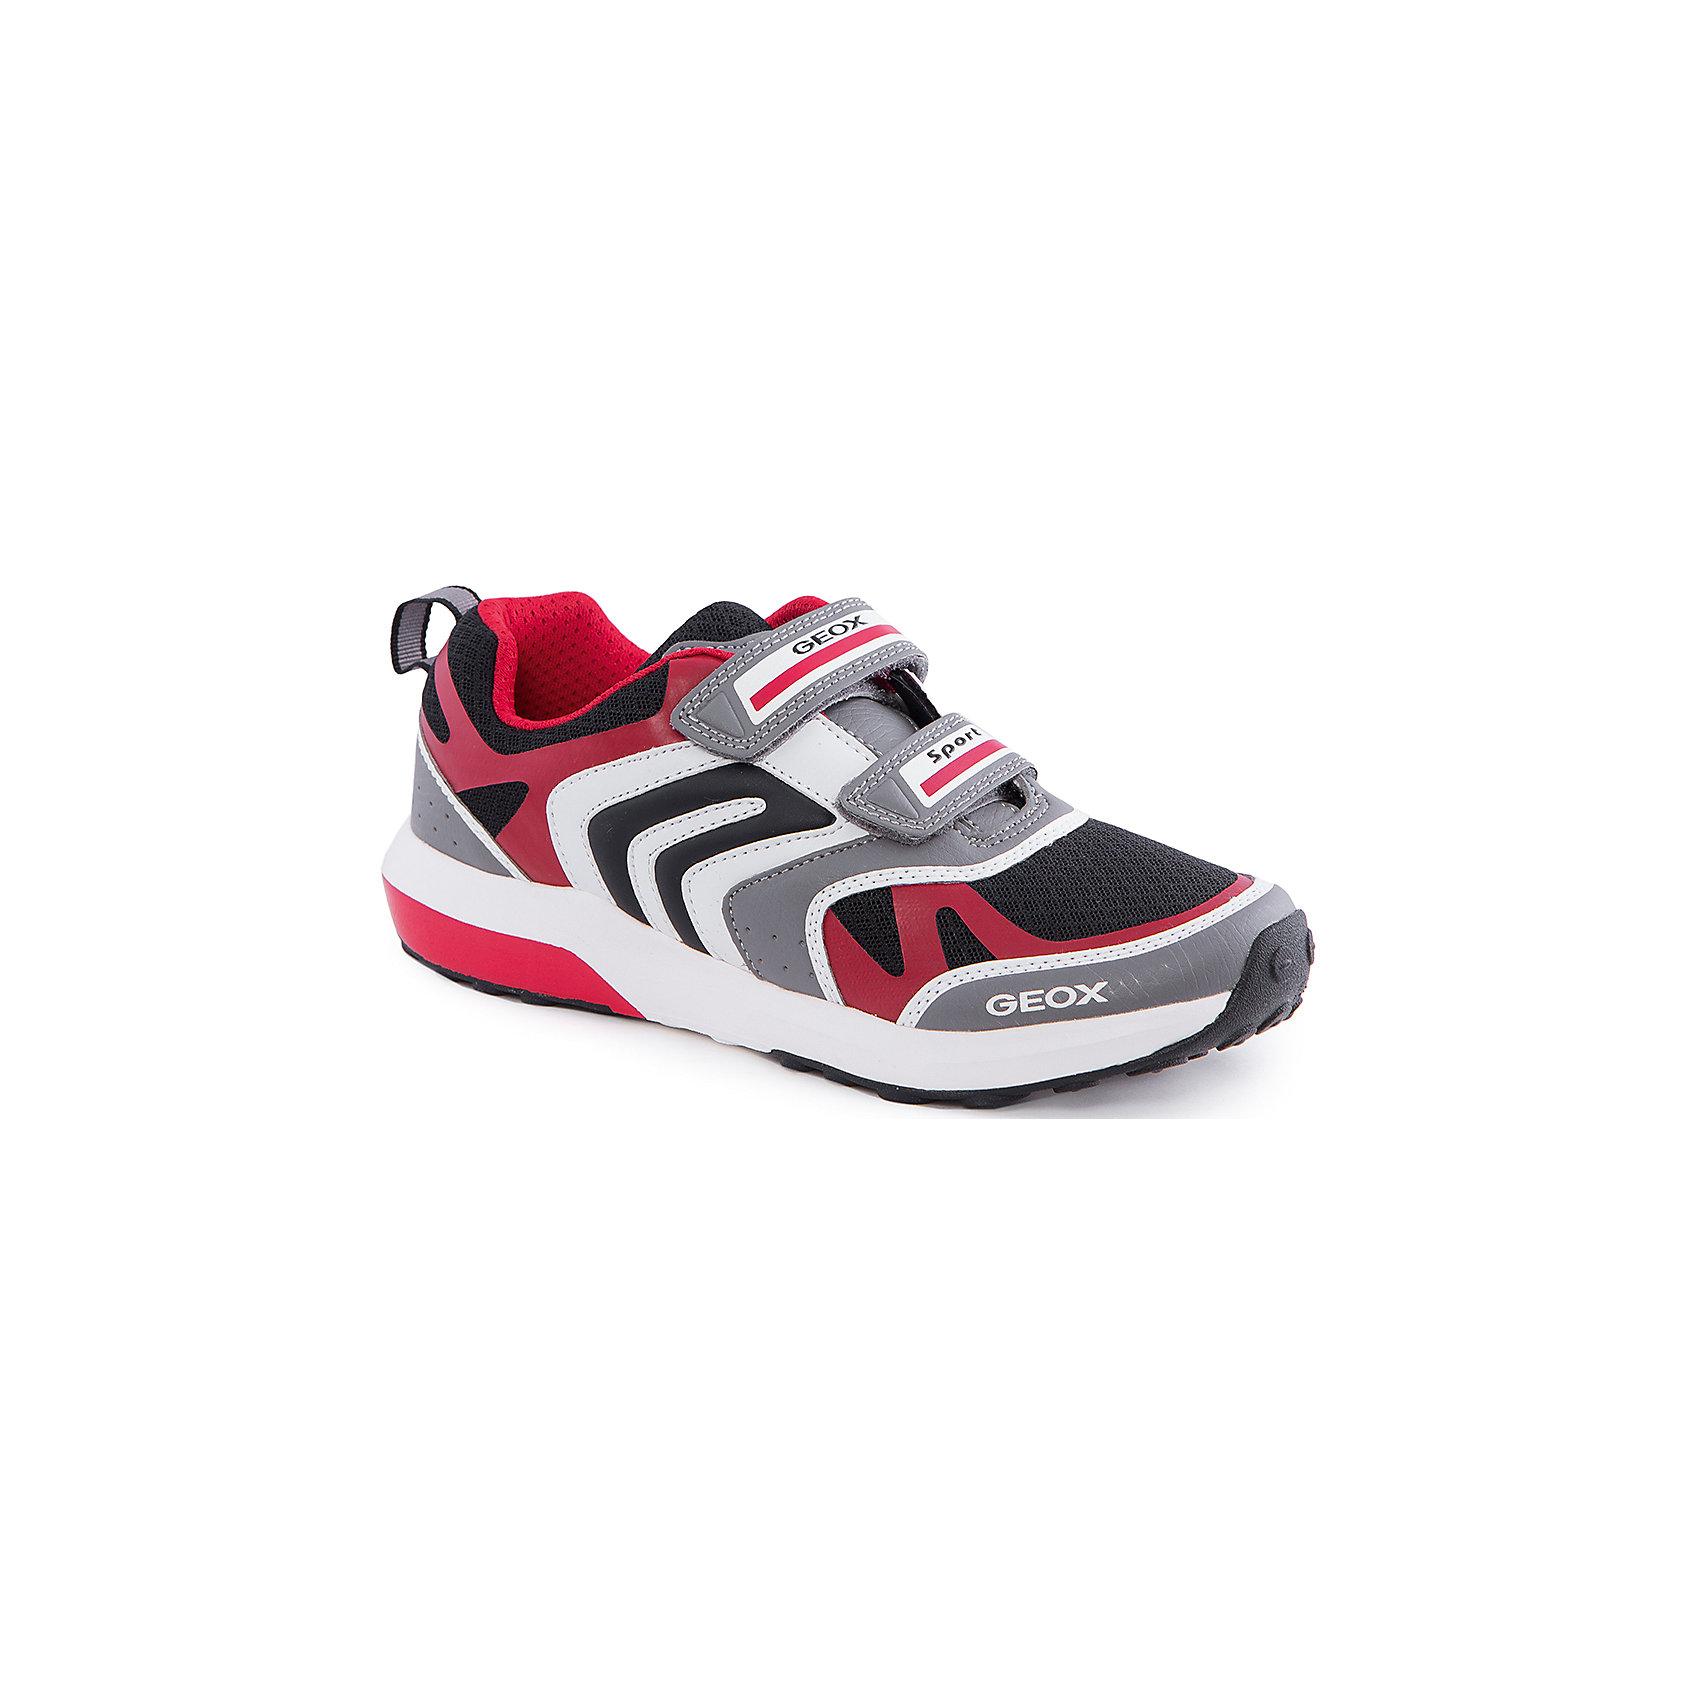 Кроссовки для мальчика GEOXКроссовки для мальчика от популярной марки GEOX (Геокс).<br><br>Практичные и дышащие кроссовки - отличная обувь для занятий спортом и не только! Модель очень стильно и оригинально смотрится.<br>Производитель обуви заботится не только о внешнем виде, но и стабильно высоком качестве продукции. GEOX (Геокс) разработал специальную дышащую подошву, которая не пропускает влагу внутрь, а также высокотехнологичную стельку.<br><br>Отличительные особенности модели:<br><br>- цвет: серый;<br>- декорированы красными, черными и белыми элементами;<br>- гибкая водоотталкивающая подошва с дышащей мембраной;<br>- мягкий и легкий верх;<br>- защита пальцев и пятки;<br>- стильный дизайн;<br>- удобная застежка-липучка;<br>- комфортное облегание;<br>- верх обуви и подкладка сделаны без использования хрома.<br><br>Дополнительная информация:<br><br>- Температурный режим: от +10° С до 25° С.<br><br>- Состав:<br><br>материал верха: текстиль, синтетический материал<br>материал подкладки: текстиль<br>подошва: 100% резина<br><br>Кроссовки для мальчика GEOX (Геокс) (Геокс) можно купить в нашем магазине.<br><br>Ширина мм: 250<br>Глубина мм: 150<br>Высота мм: 150<br>Вес г: 250<br>Цвет: серый<br>Возраст от месяцев: 48<br>Возраст до месяцев: 60<br>Пол: Мужской<br>Возраст: Детский<br>Размер: 28,30,32,31,29,33,34,35,36,37,27,26<br>SKU: 4519016